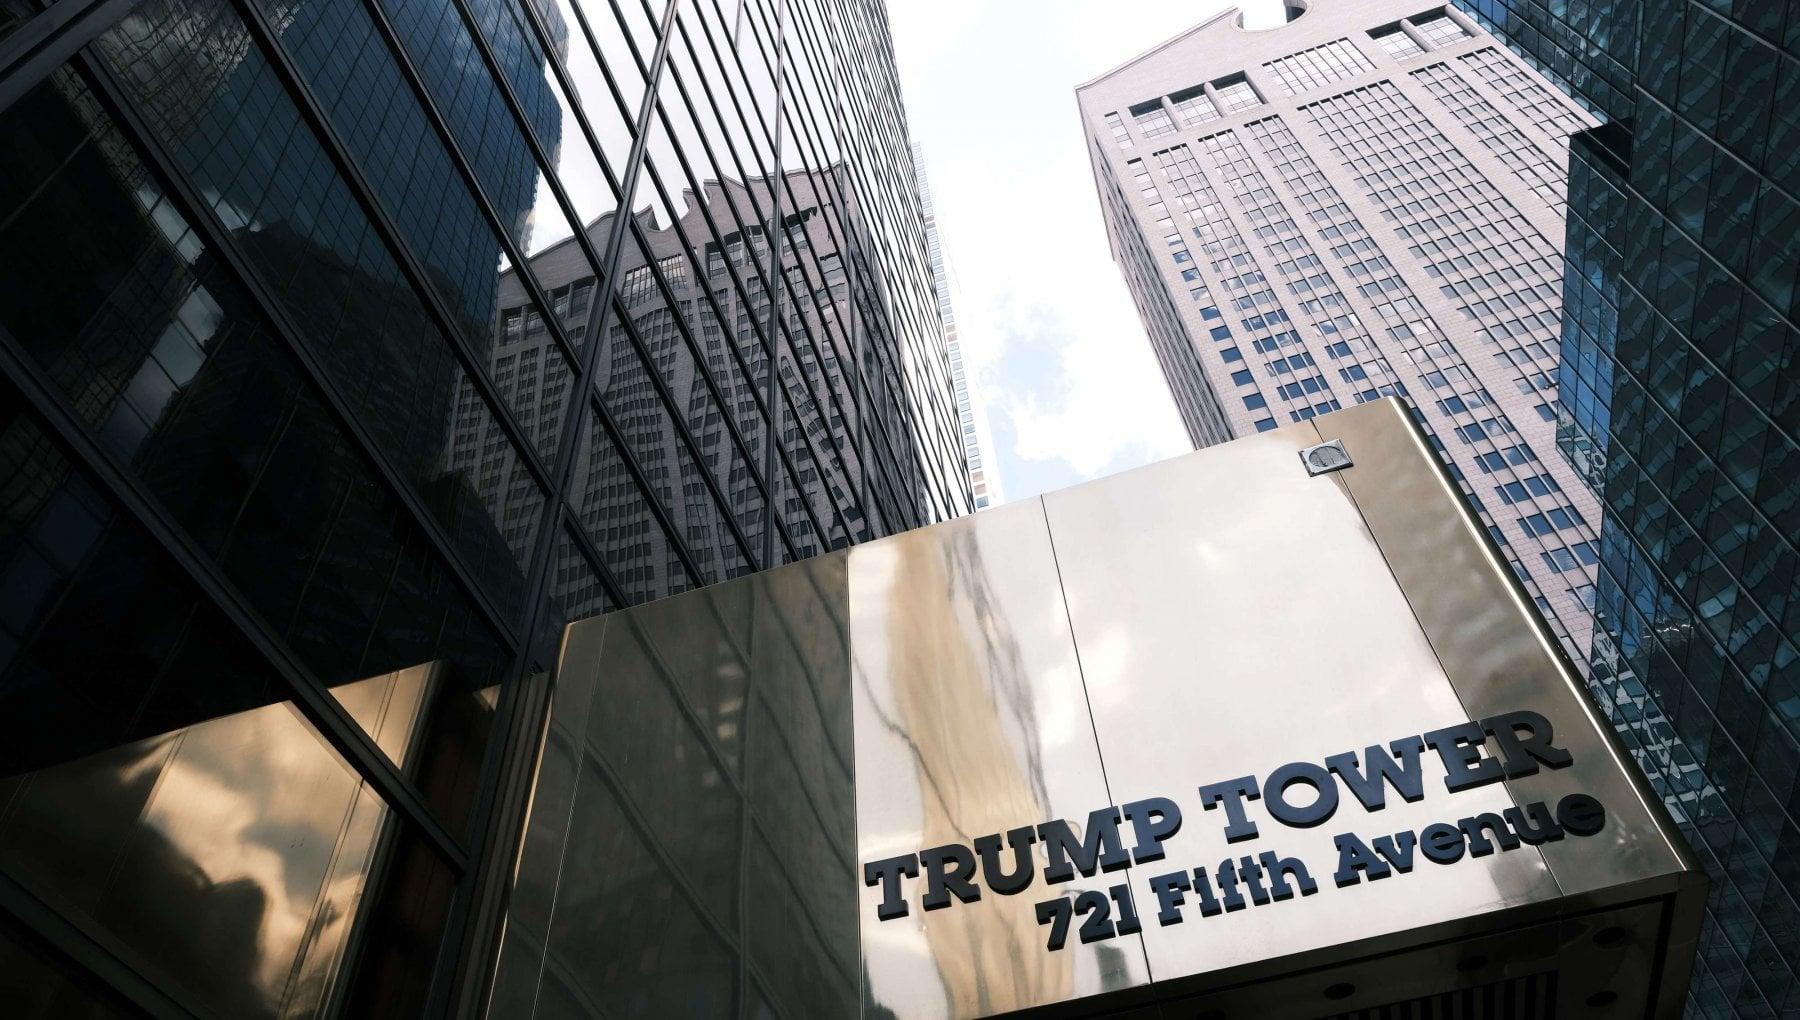 """021455450 18cdebe3 5249 48a0 b5c1 d3a71018c430 - """"La società Trump e il suo direttore finanziario incriminati a New York"""""""